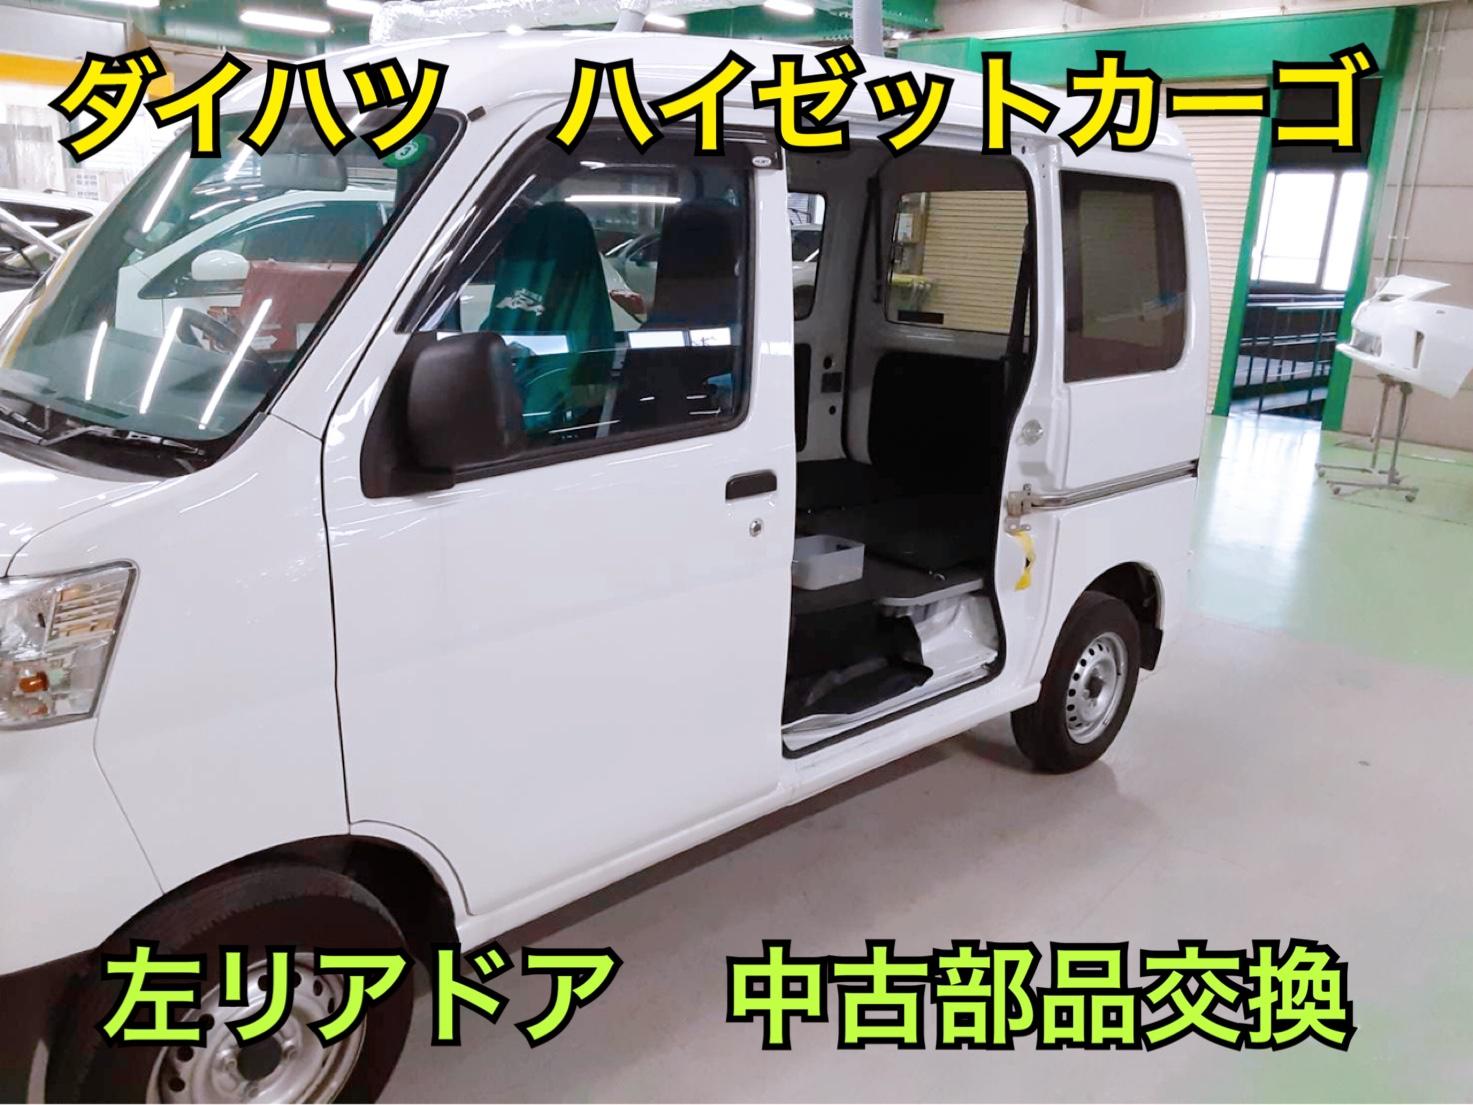 岡山でハイゼットカーゴのドア修理が安いコバック!!